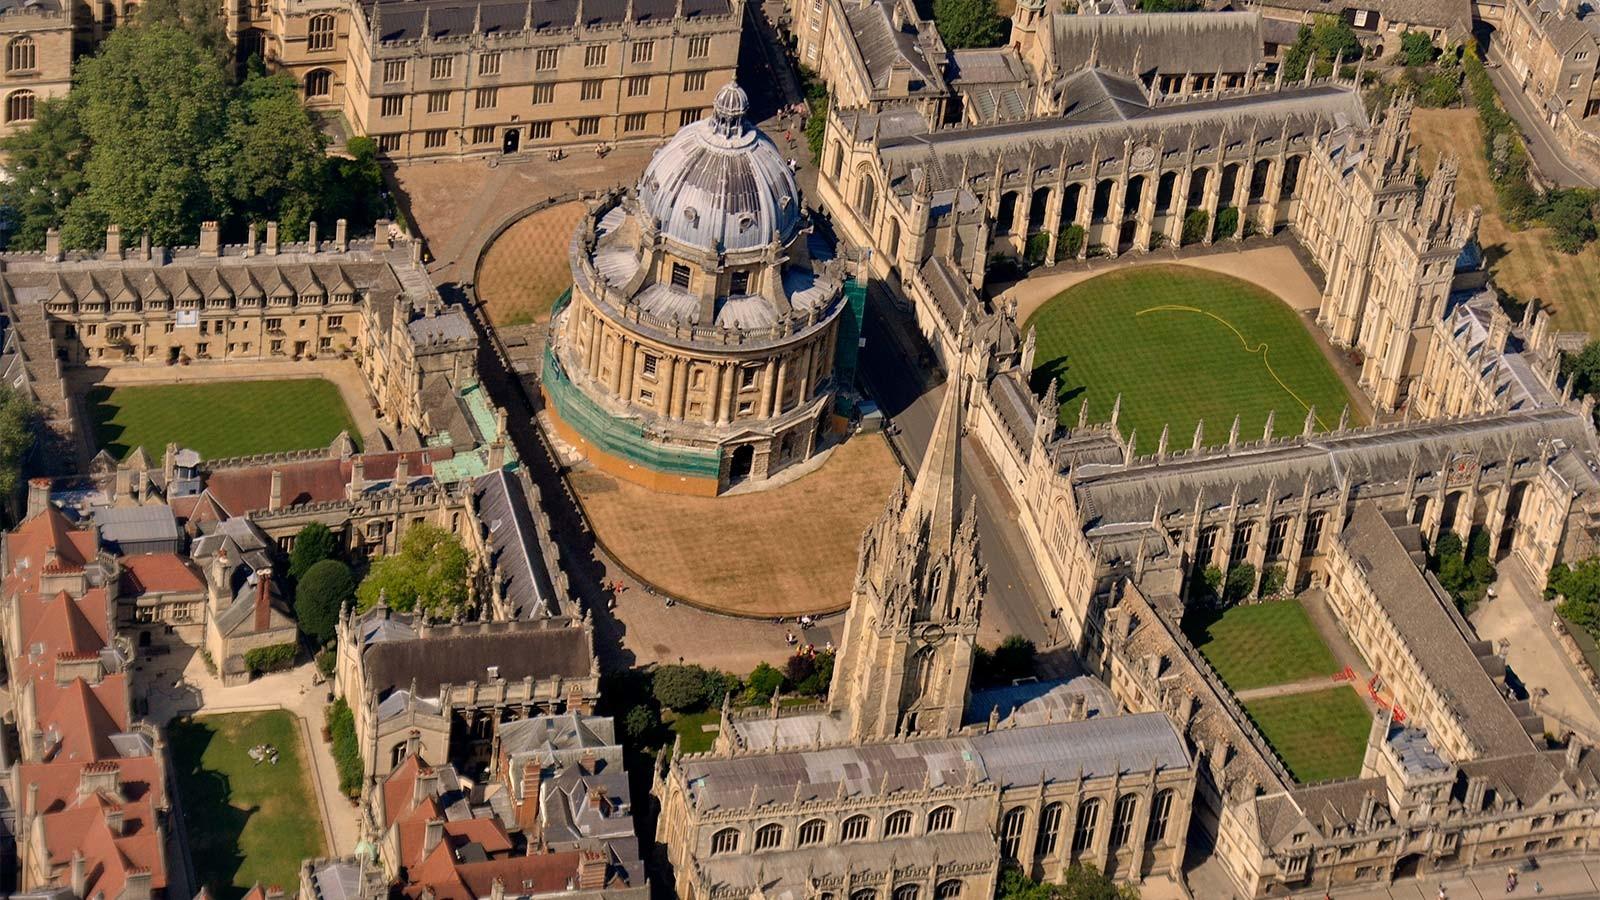 Expérience à Oxford, Royaume-Uni par Becca